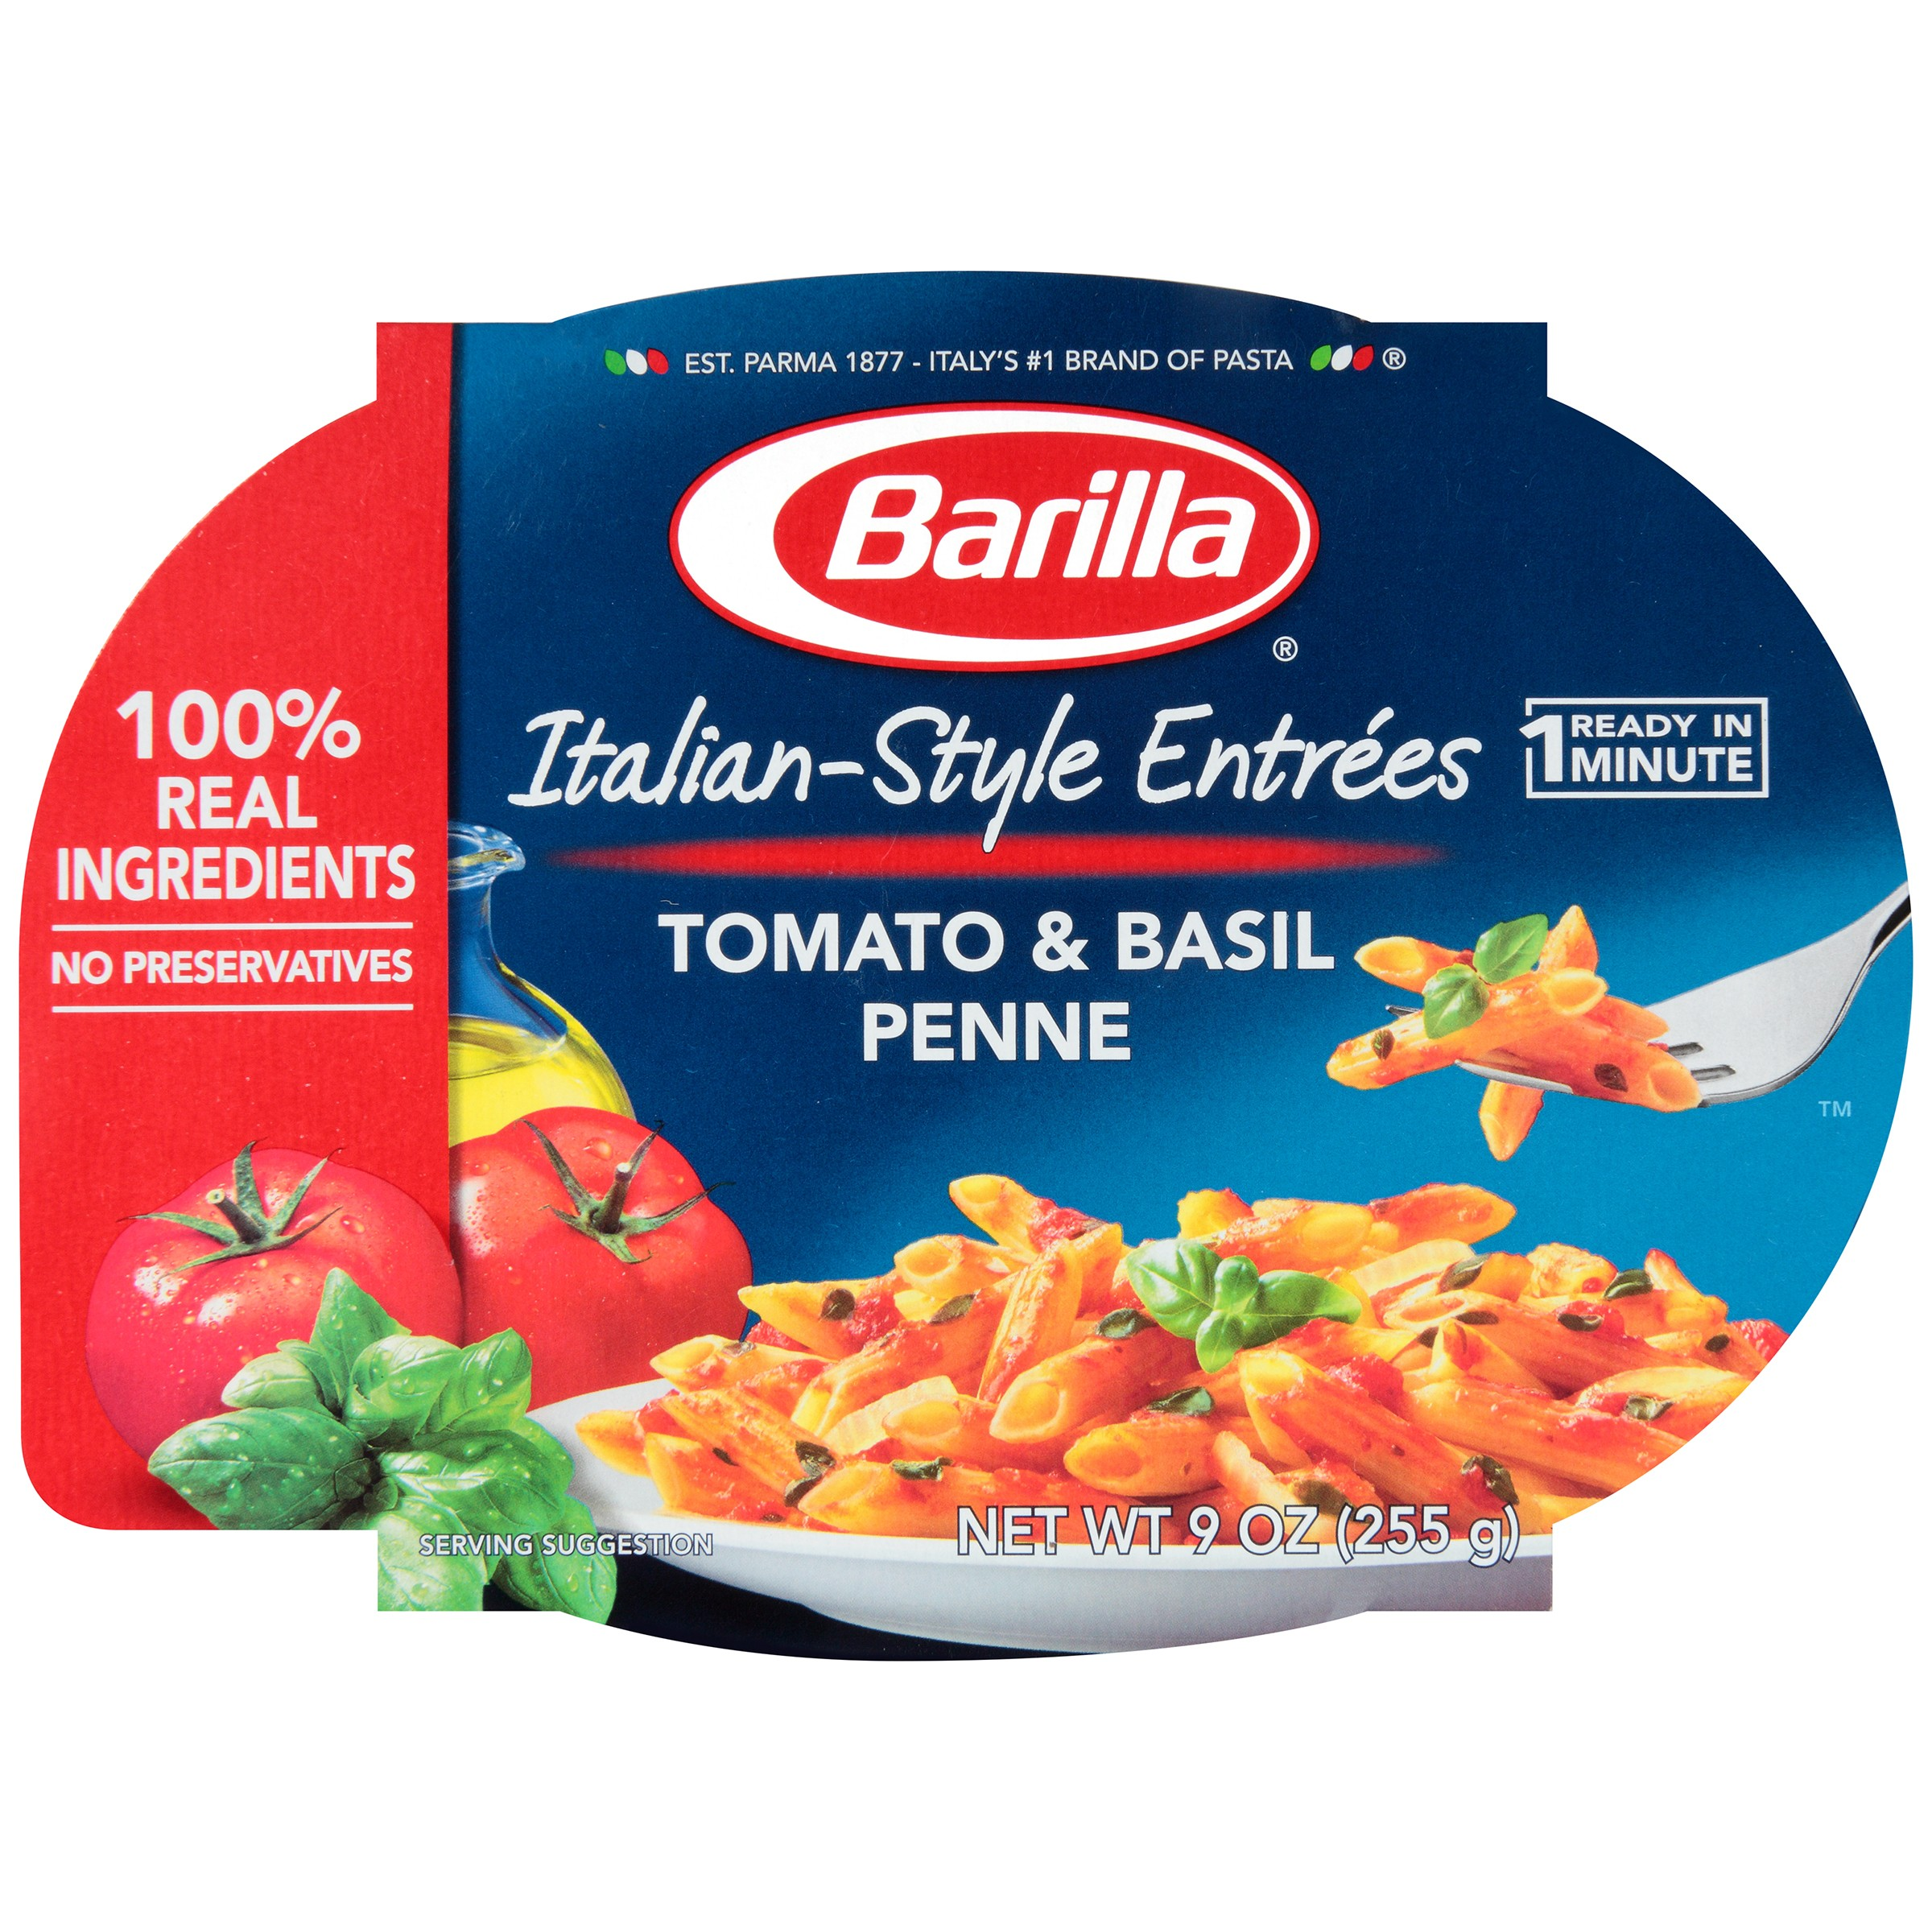 Barilla Italian-Style Entrees Tomato & Basil Penne Pasta, 9 oz by Barilla America, Inc.